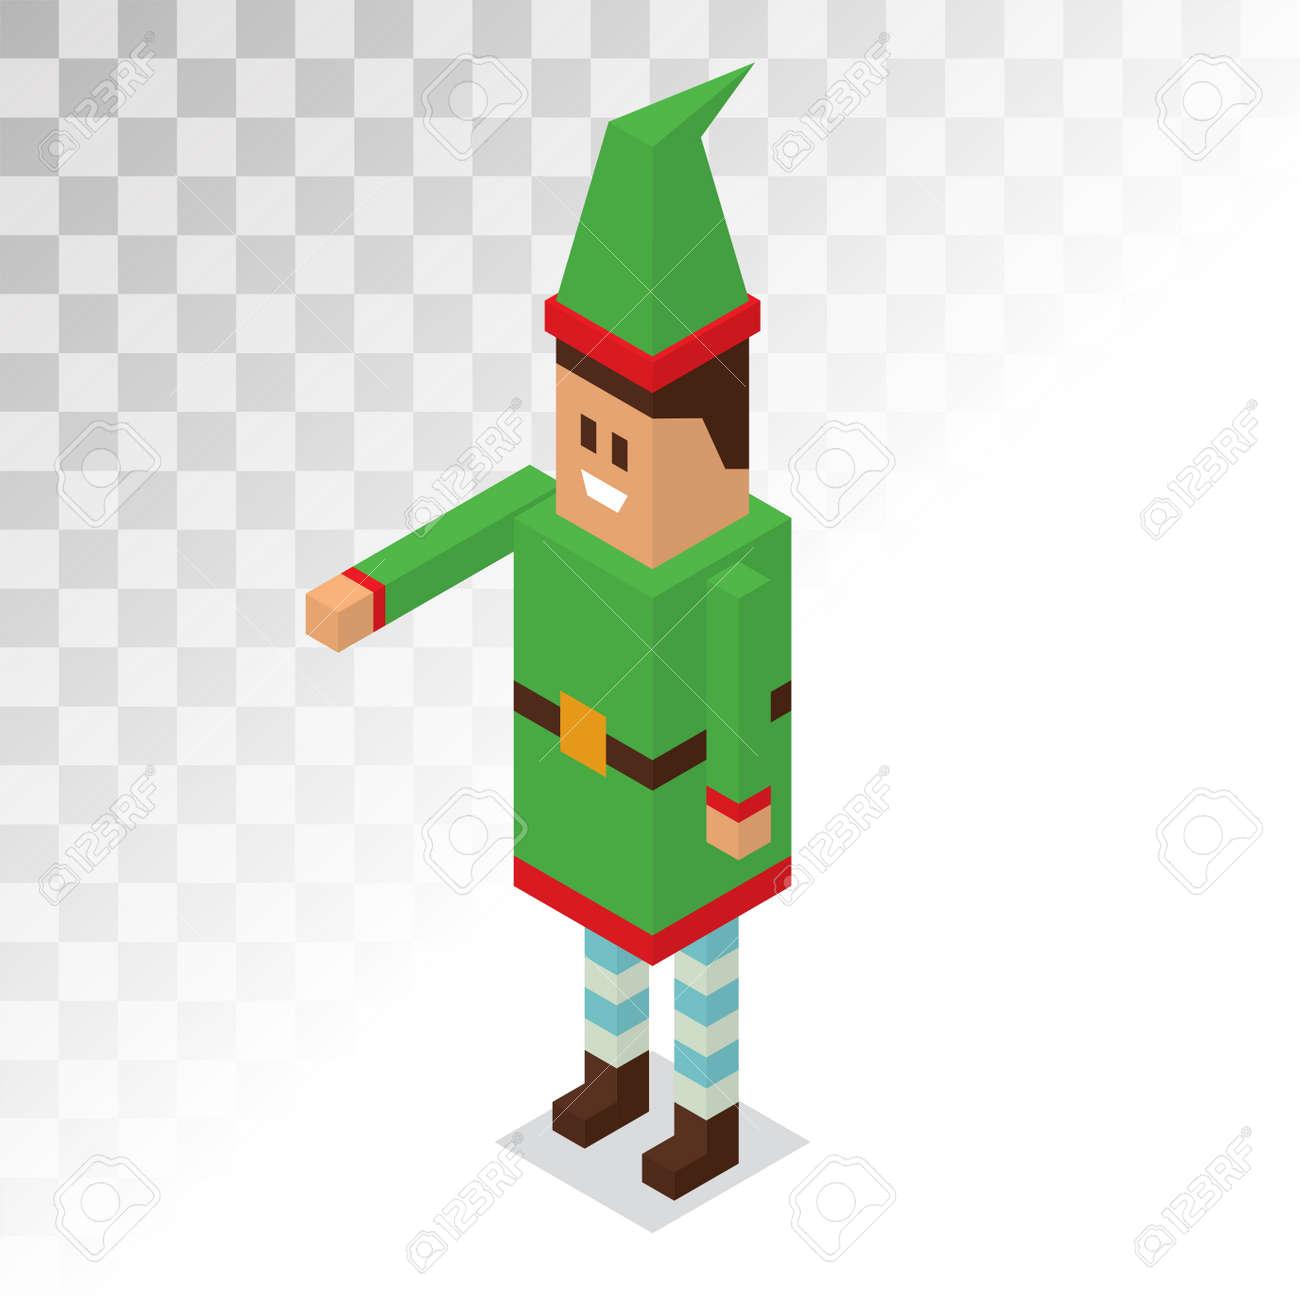 Père Noël Dessin Animé Garçon Helper Vecteur Elf 3d Art Pixel Isométrique Illustration Père Noël Aide Elfe Enfant Isolé Père Noël Helpers Costume